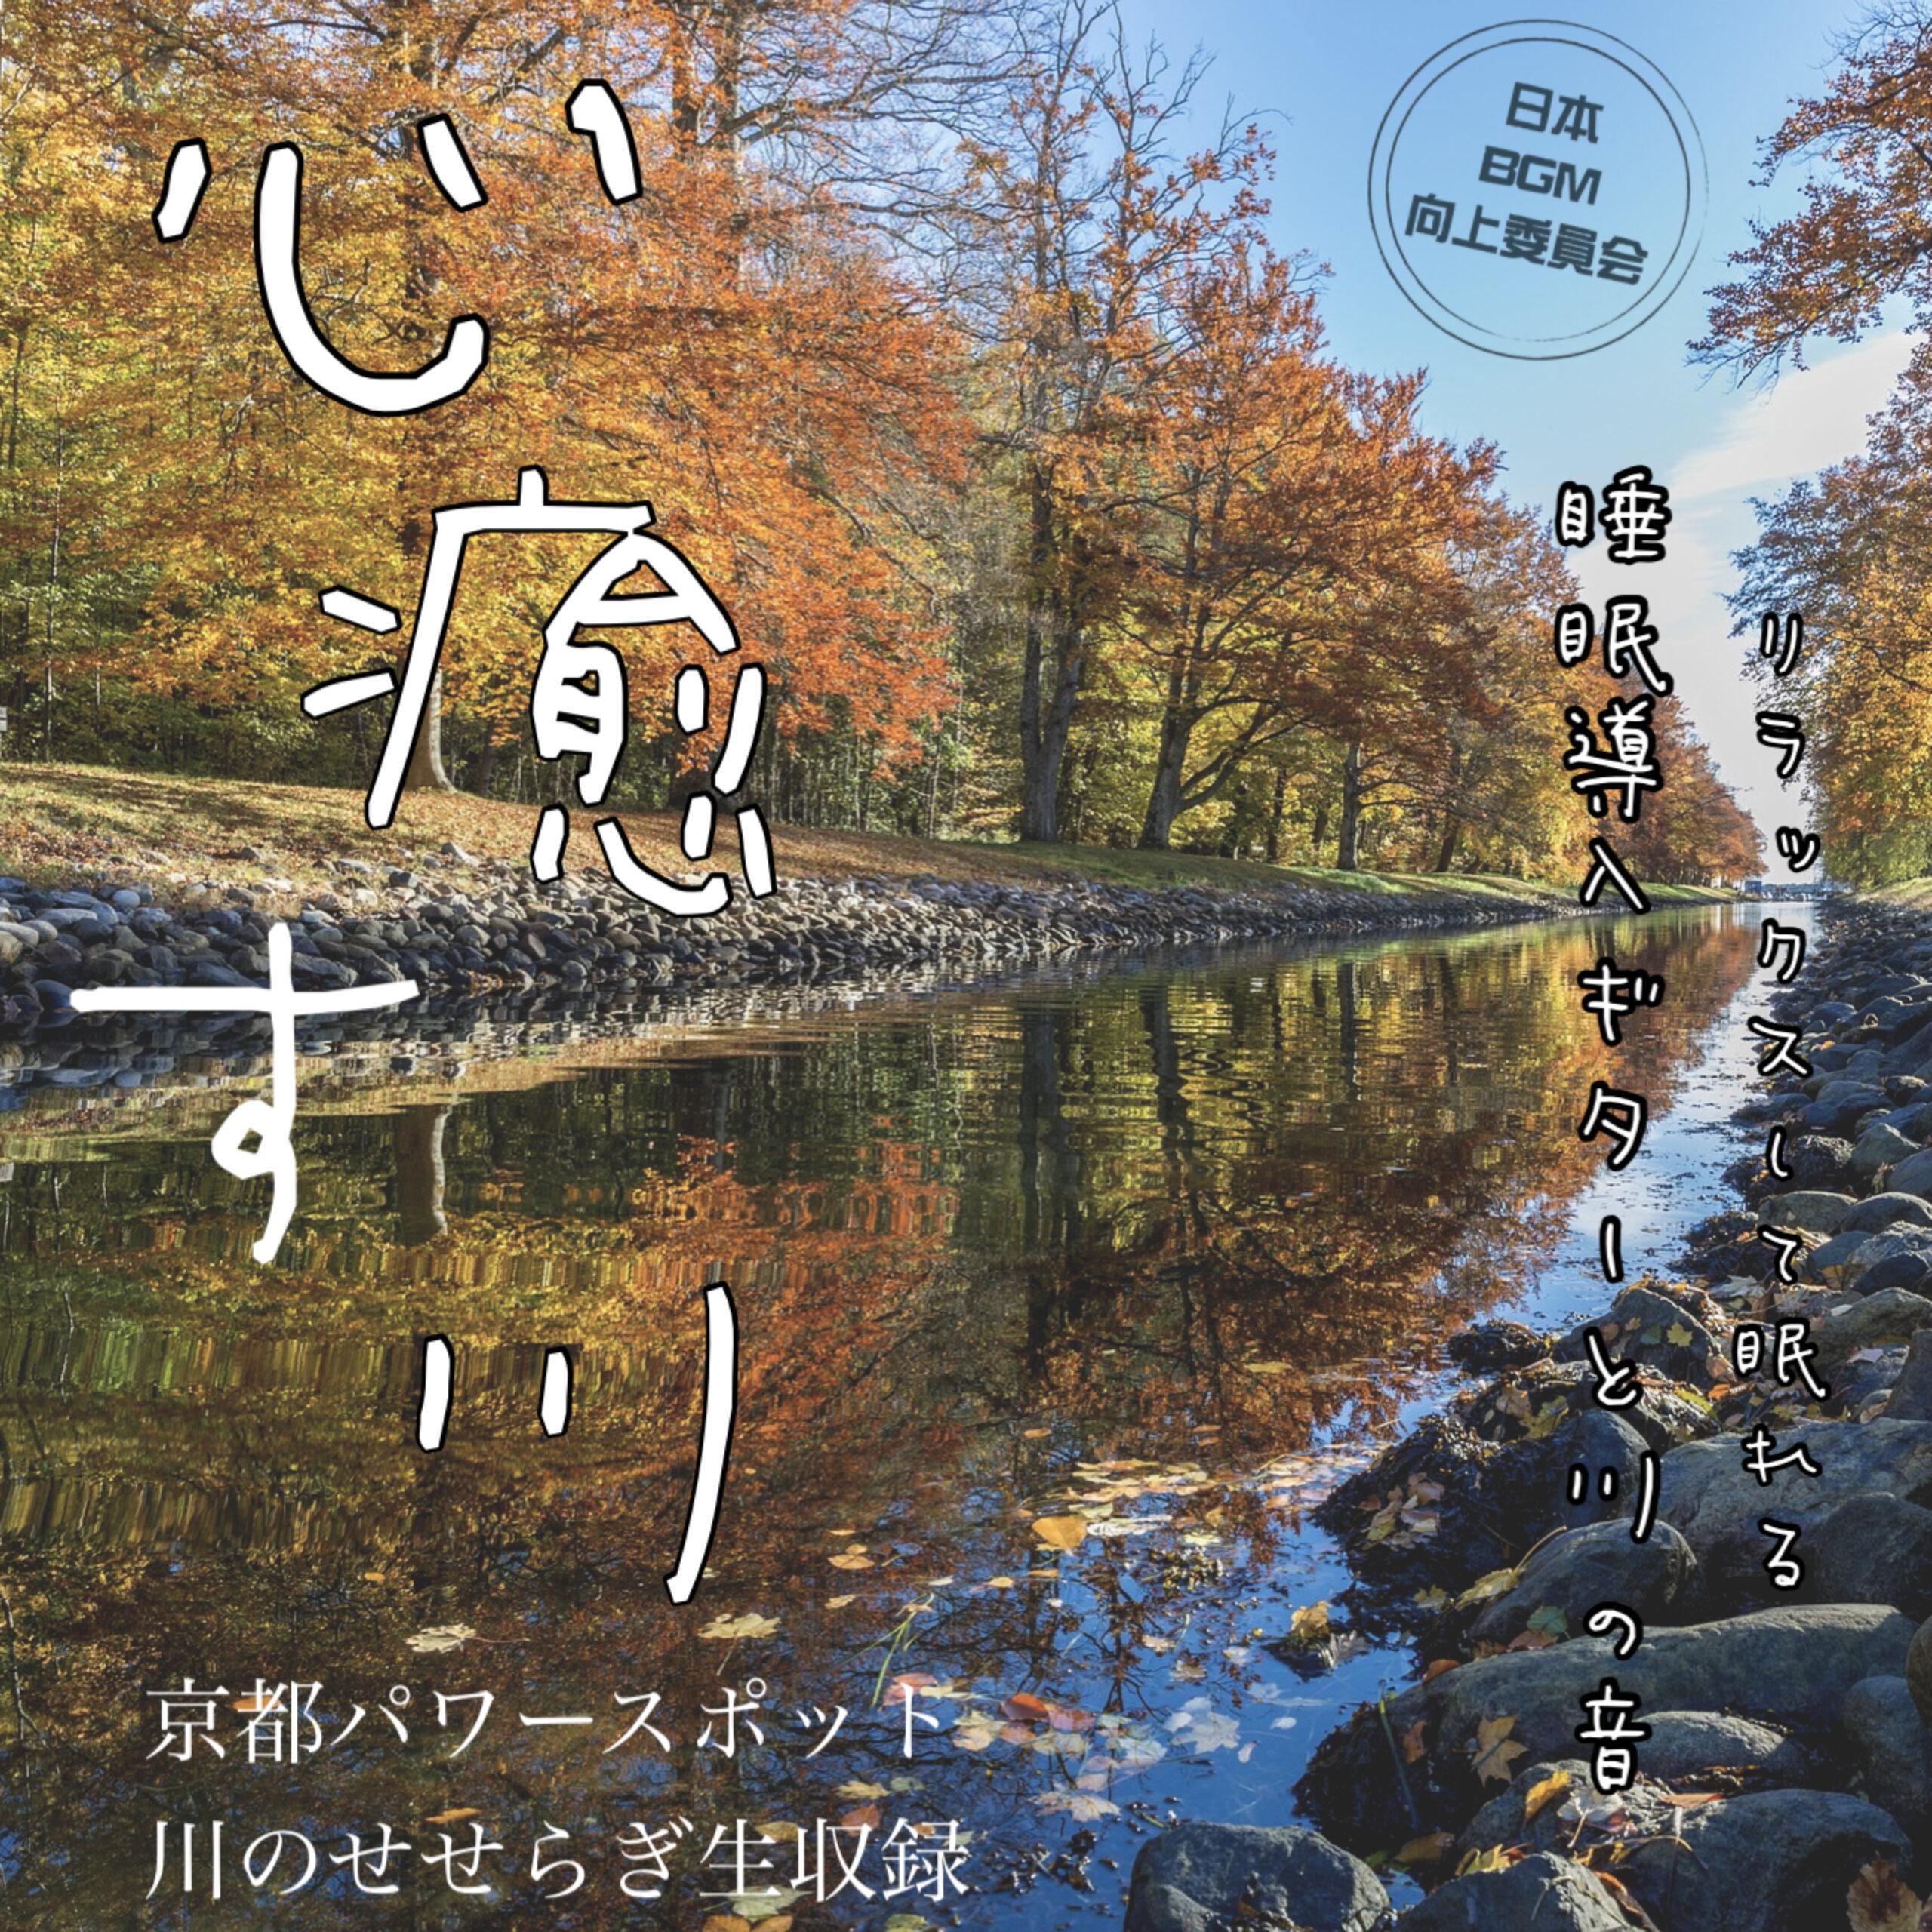 心癒す川 リラックスして眠れる 睡眠導入ギターと川の音 京都パワースポット 川のせせらぎ生収録